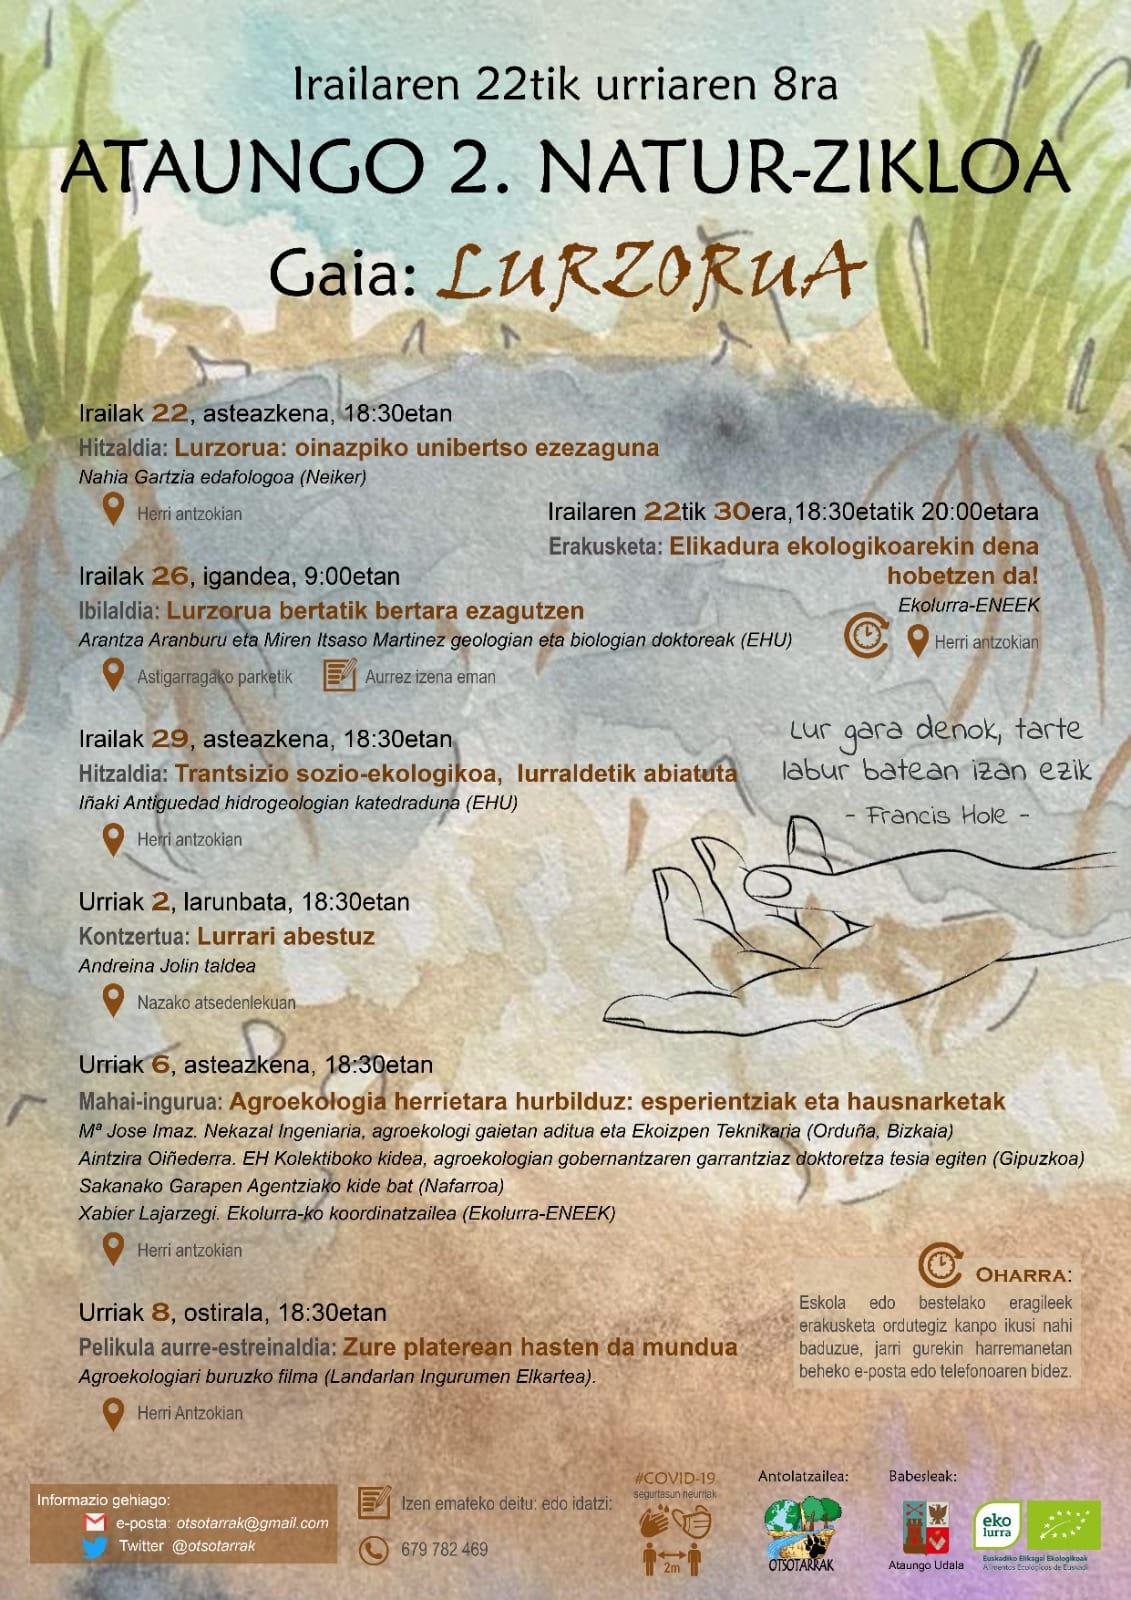 Ataungo 2. natur-zikloa irudia - iragarkilaburrak.eus